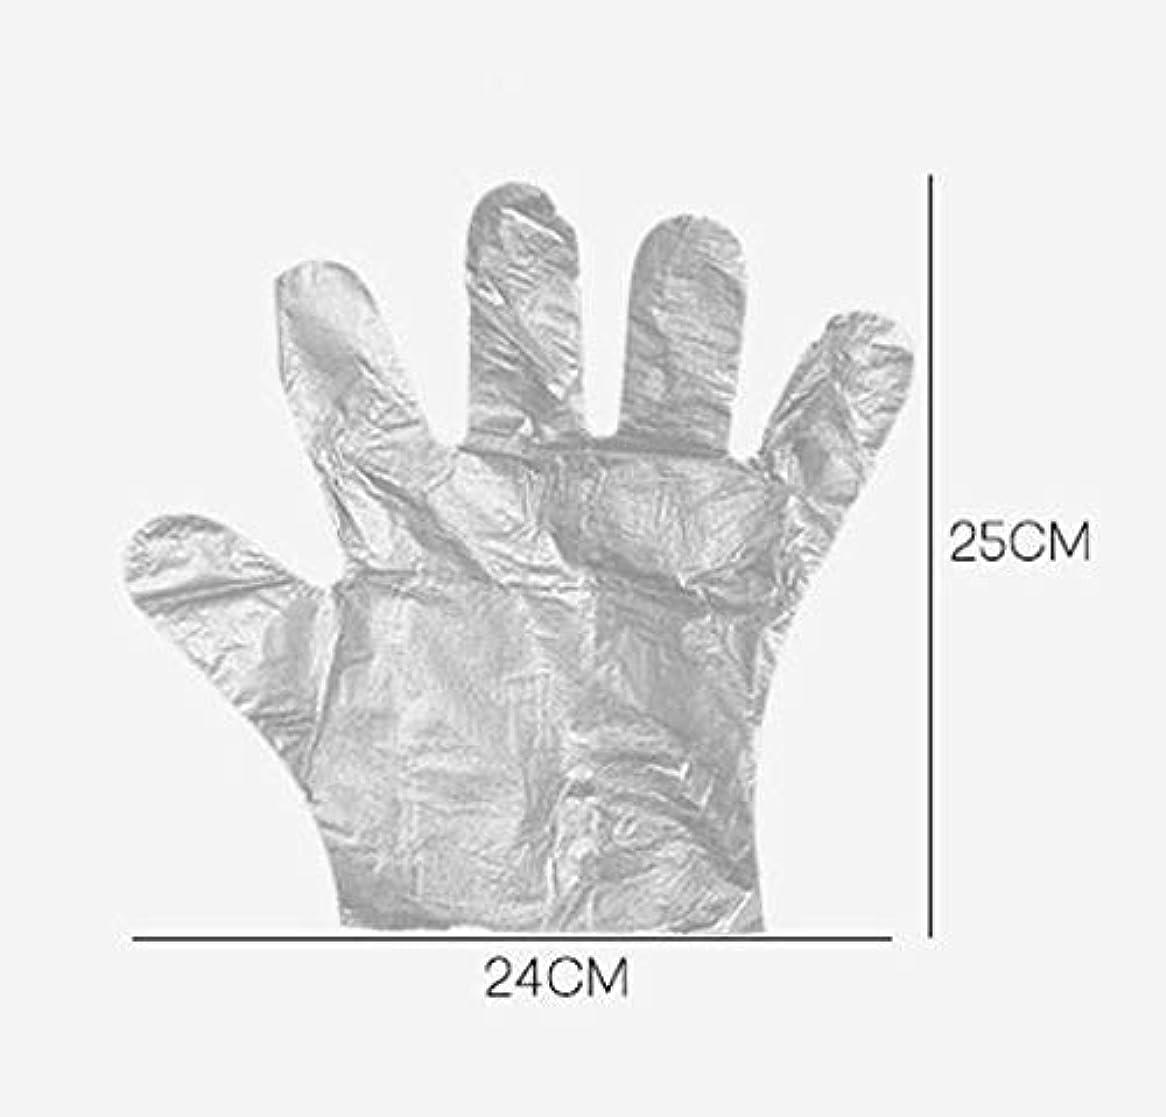 中に上回る本部HJ ポリ手袋 使い捨て手袋 ポリエチレン使い切り手袋 極薄い 使い切り手袋 透明手袋 耐油 防水 介護 トイレ掃除 左右兼用 手荒れを防ぎ 素手 薄いタイプ (1000ペアセット)